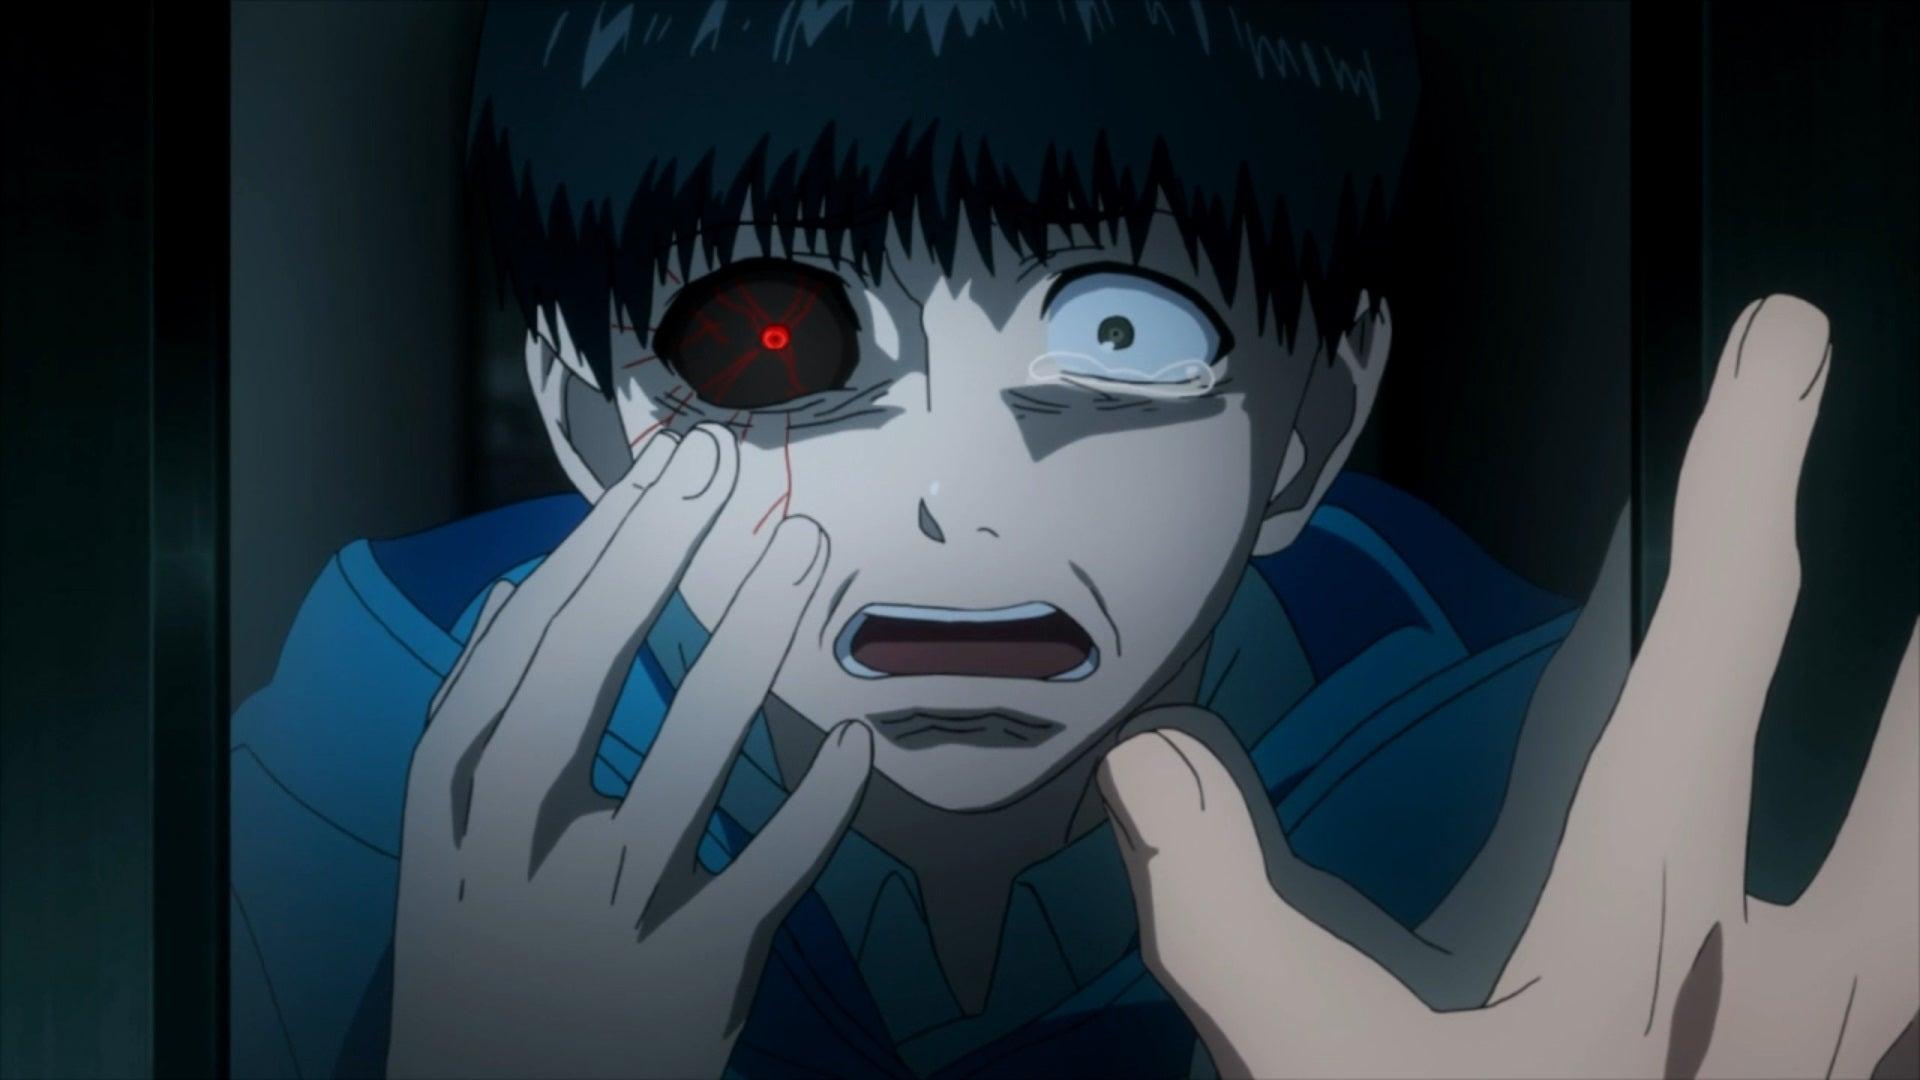 Daftar 10 Anime Paling Populer Tahun 2020, Sudah Nonton? 7